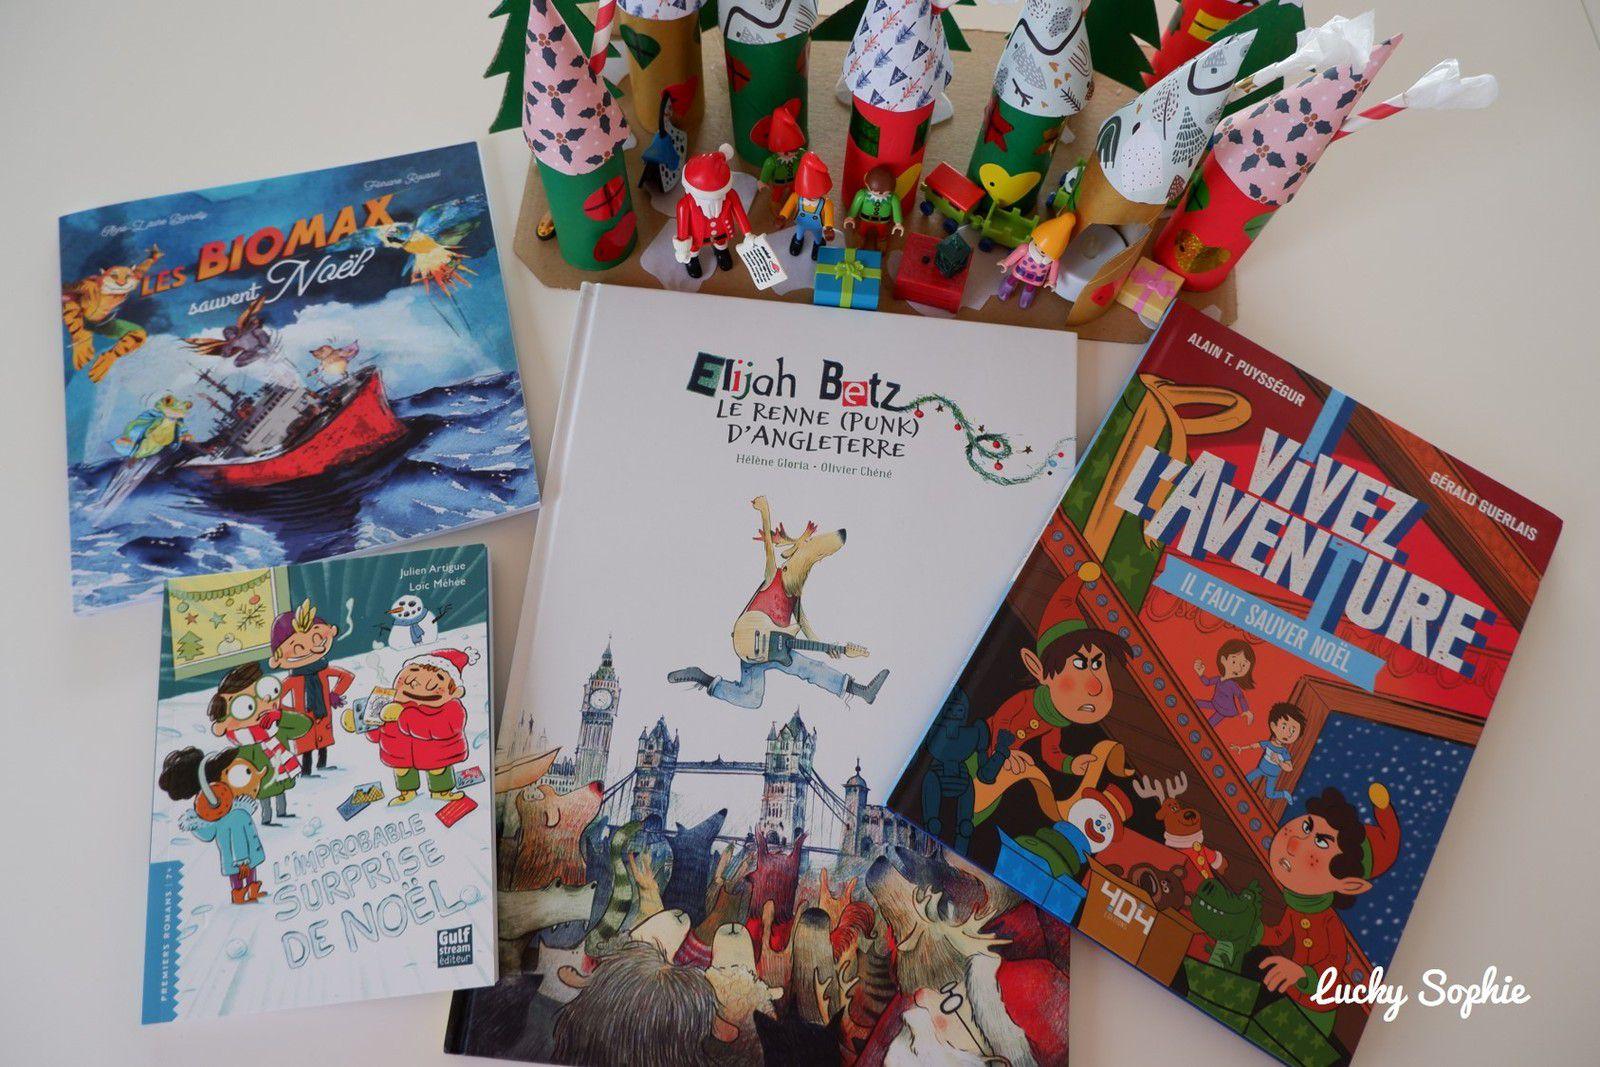 Des livres enfants pour attendre Noël